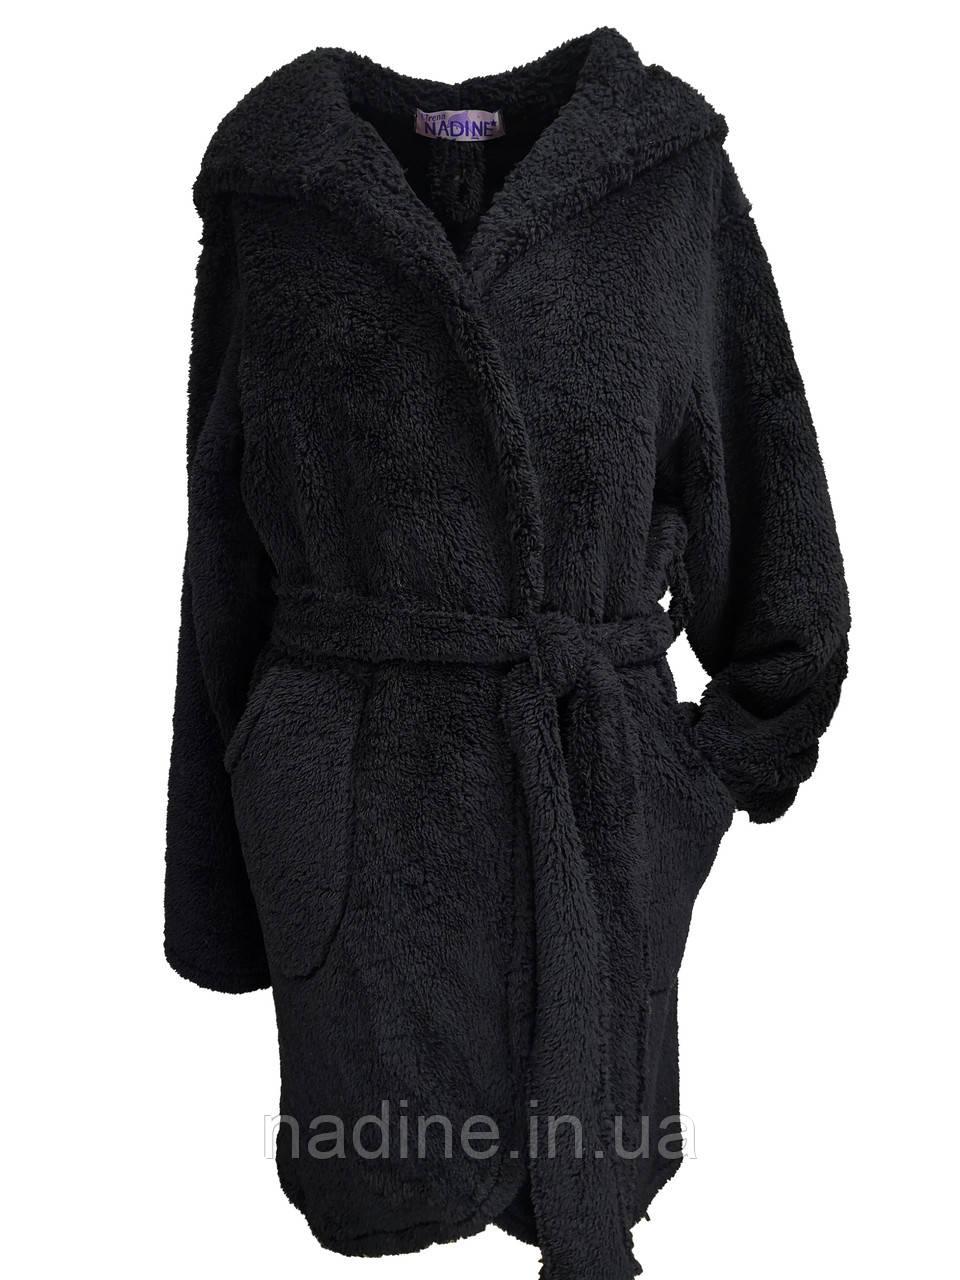 Халат на підлітка теплий Eirena Nadine (black 70-574) чорний на зріст 170